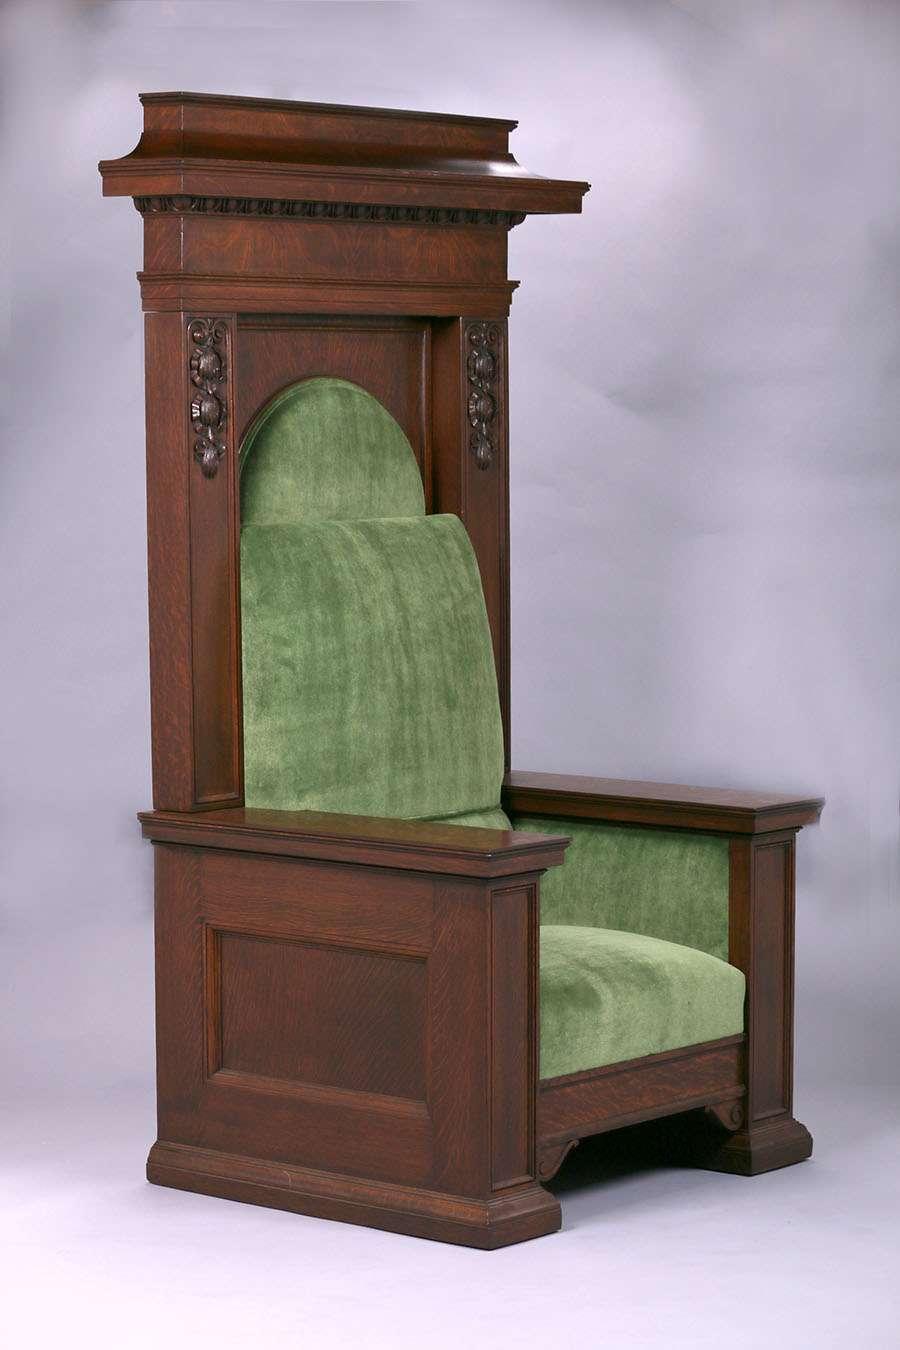 Mathews Furniture Shop Throne Chair